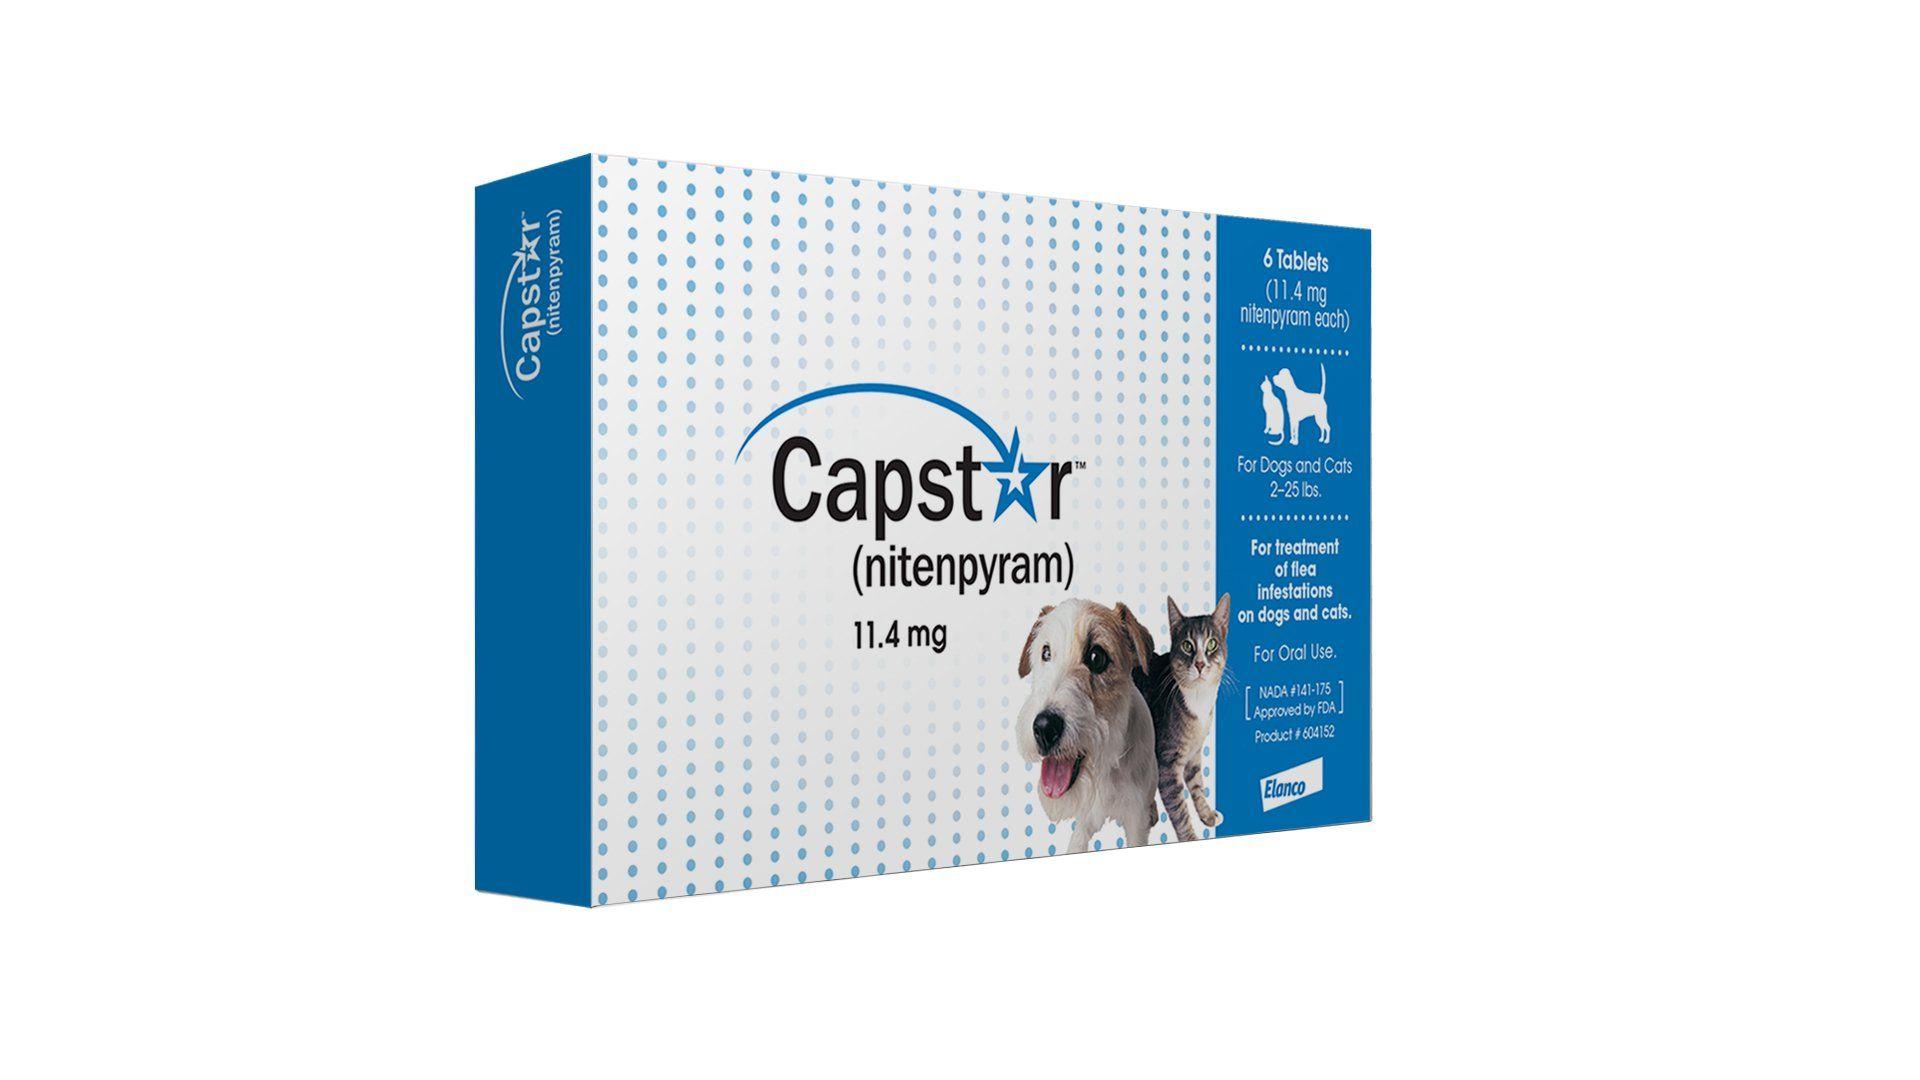 Novartis Capstar Flea Tablets For Dogs And Cats Flea Capstar Novartis Cats Dog Flea Treatment Flea Treatment Kill Fleas On Dogs